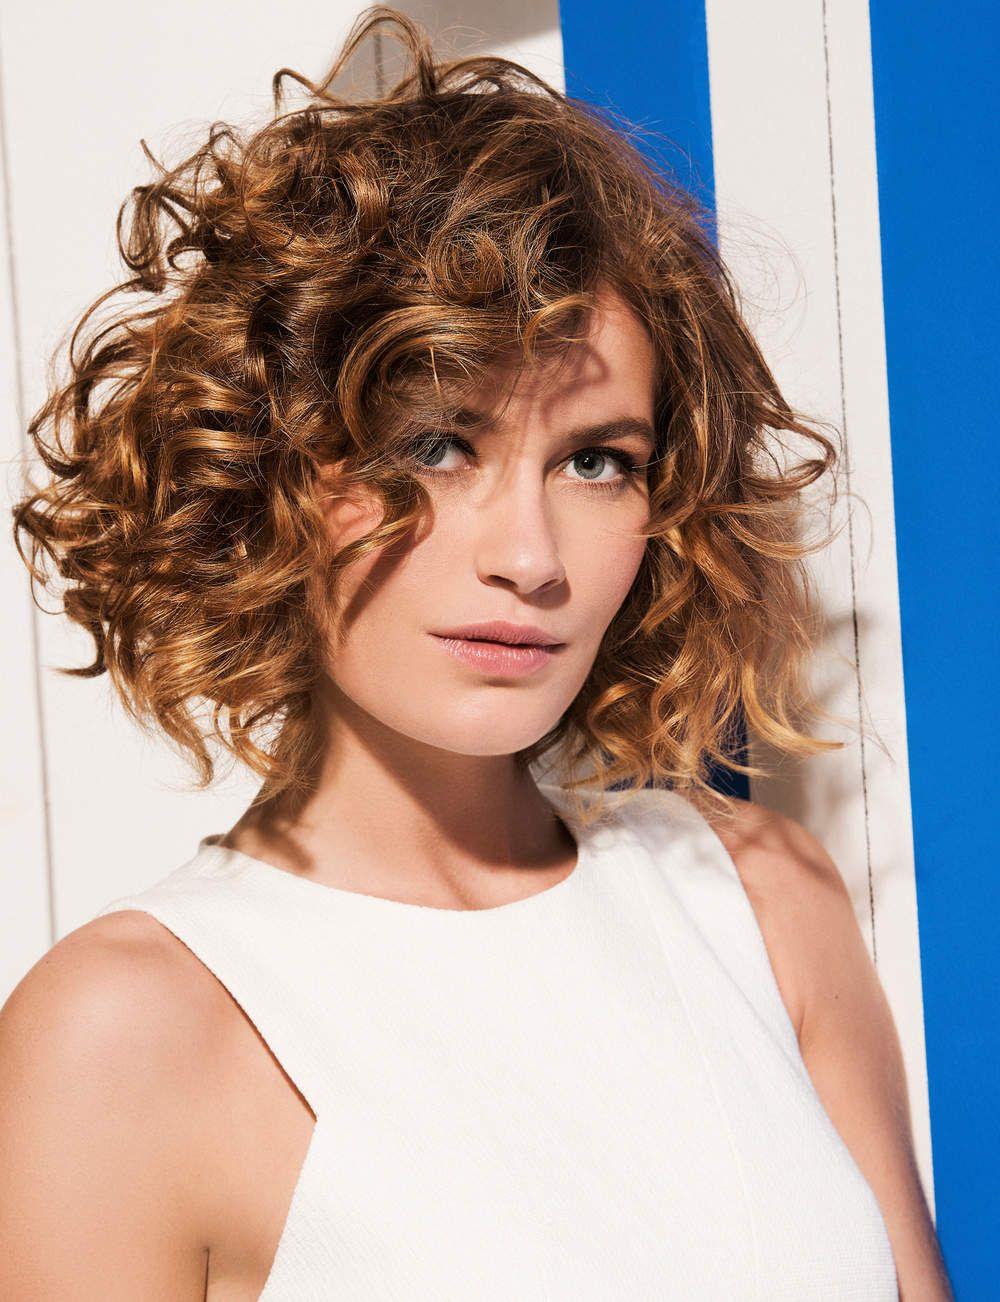 Plus De 1000 Ides Propos De Coupe Cheveux Sur Pinterest Coup